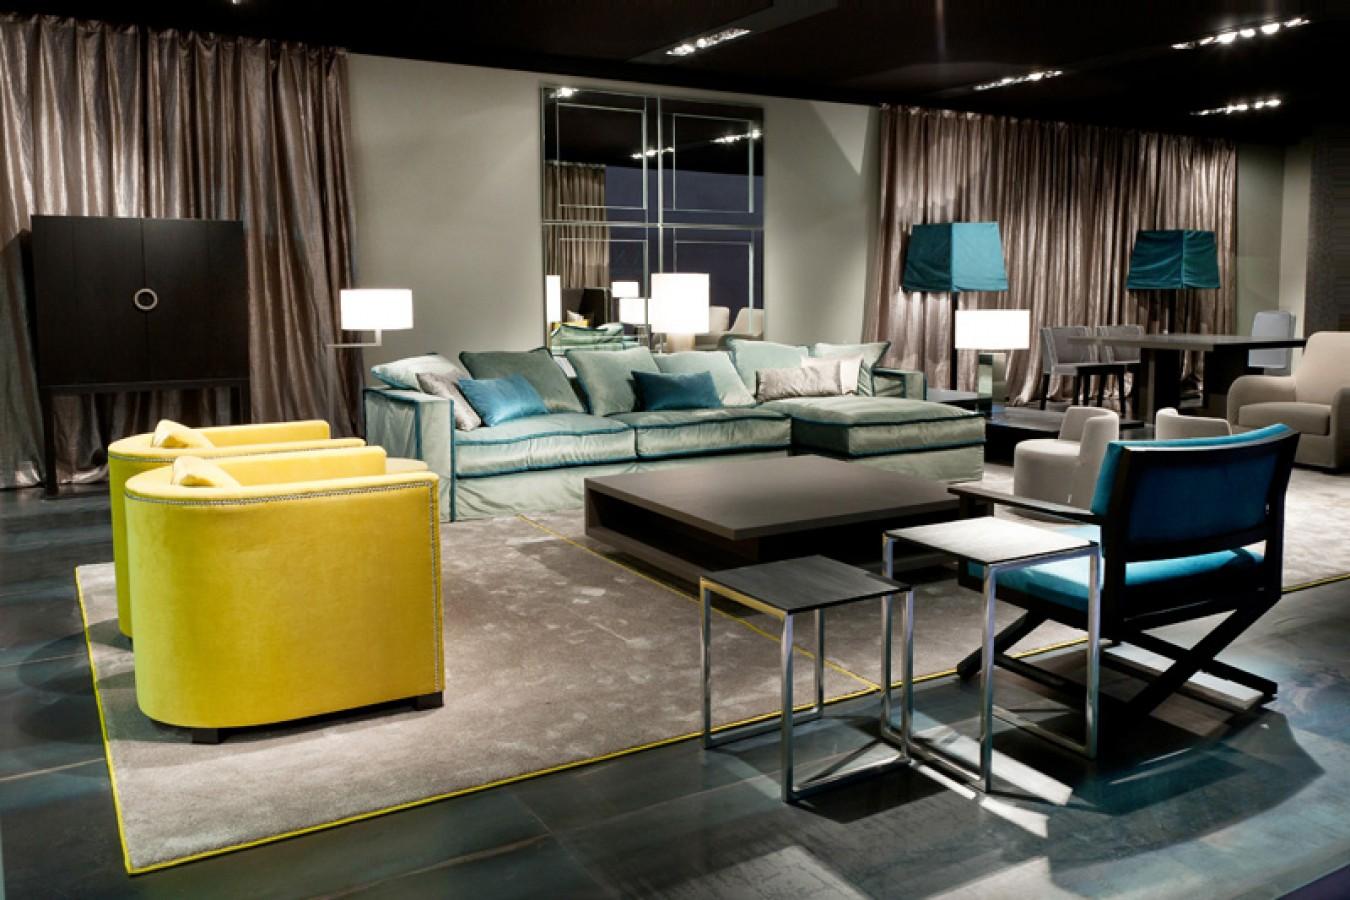 Tekart architecture architectes associ s concepteur de for Salon maison et objet exposant